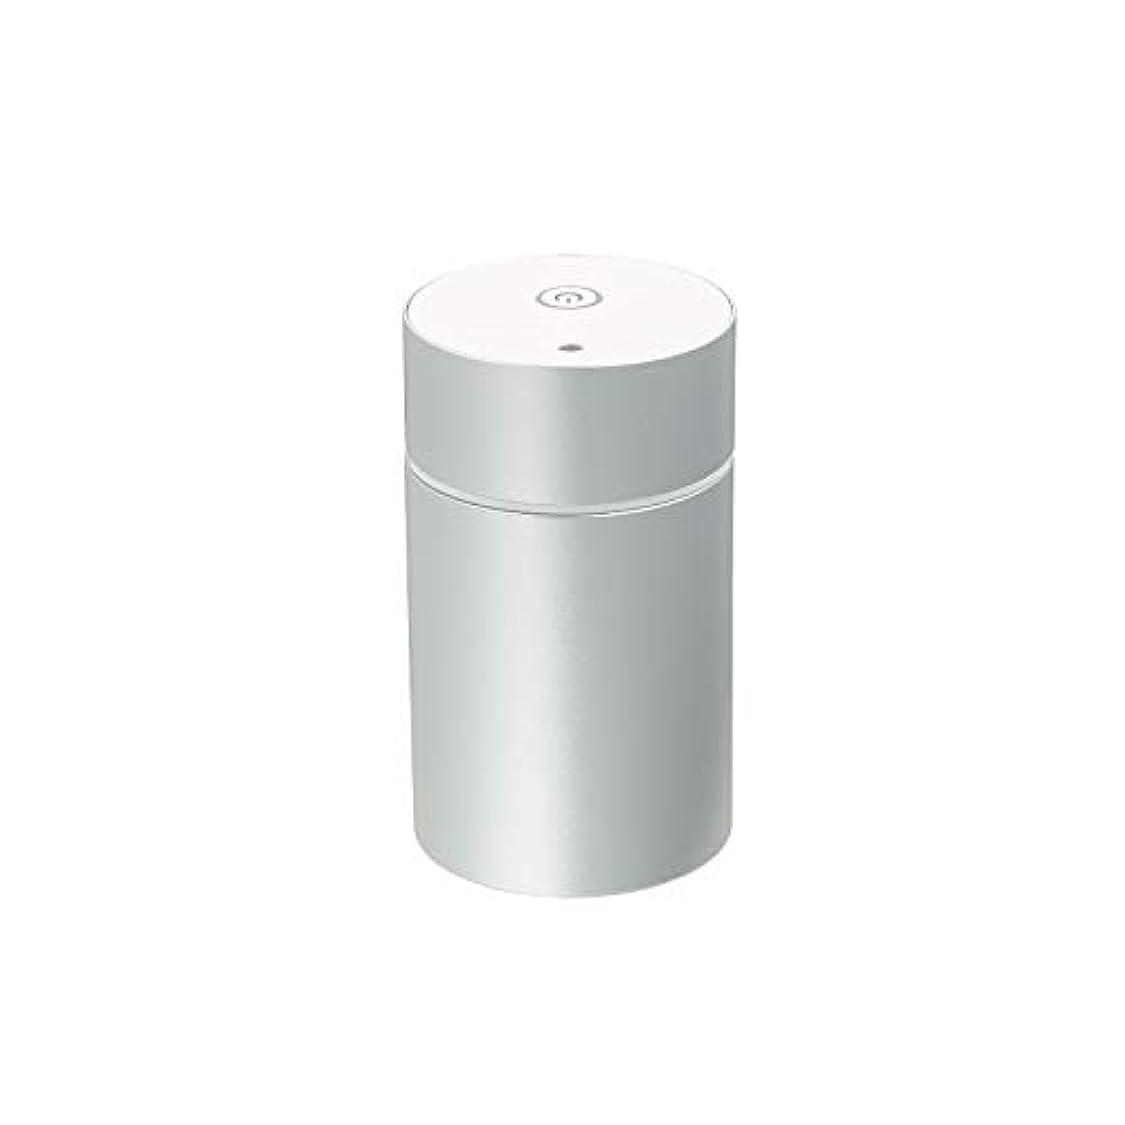 生活の木 アロマディフューザー(シルバー)aromore mini(アロモアミニ) 08-801-7010